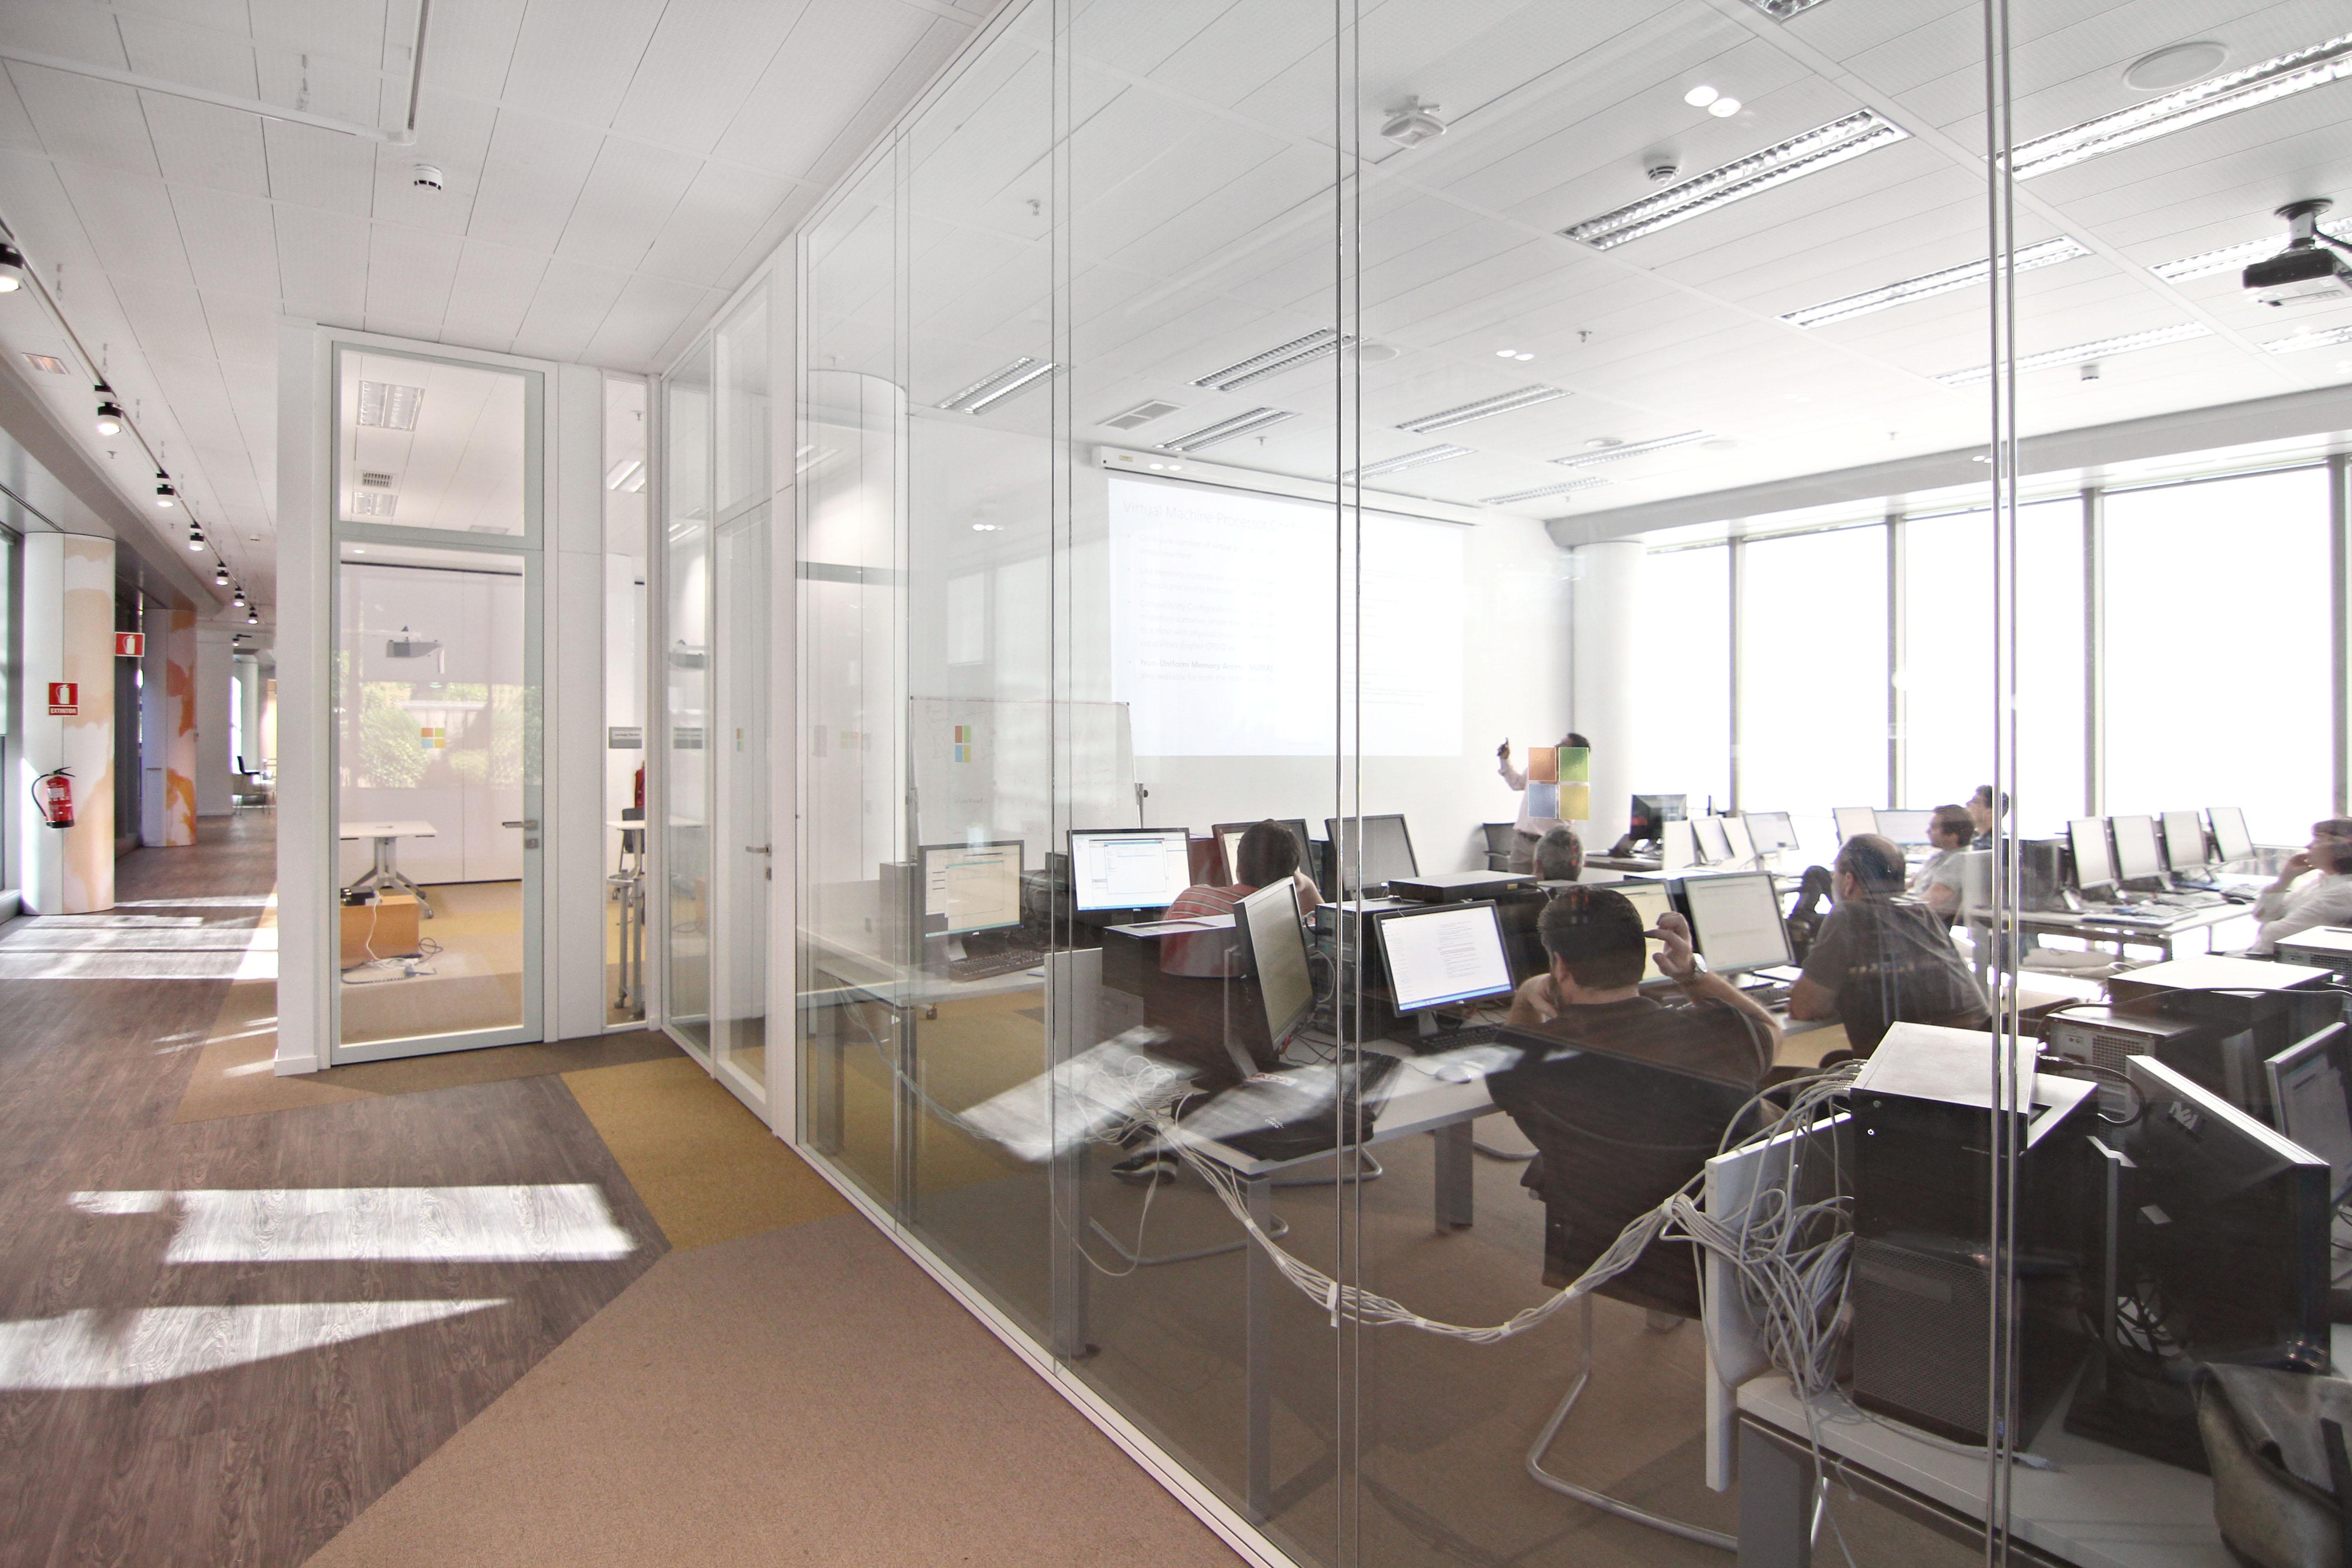 La sede de microsoft en madrid una oficina adaptada a los for Oficina alitalia madrid